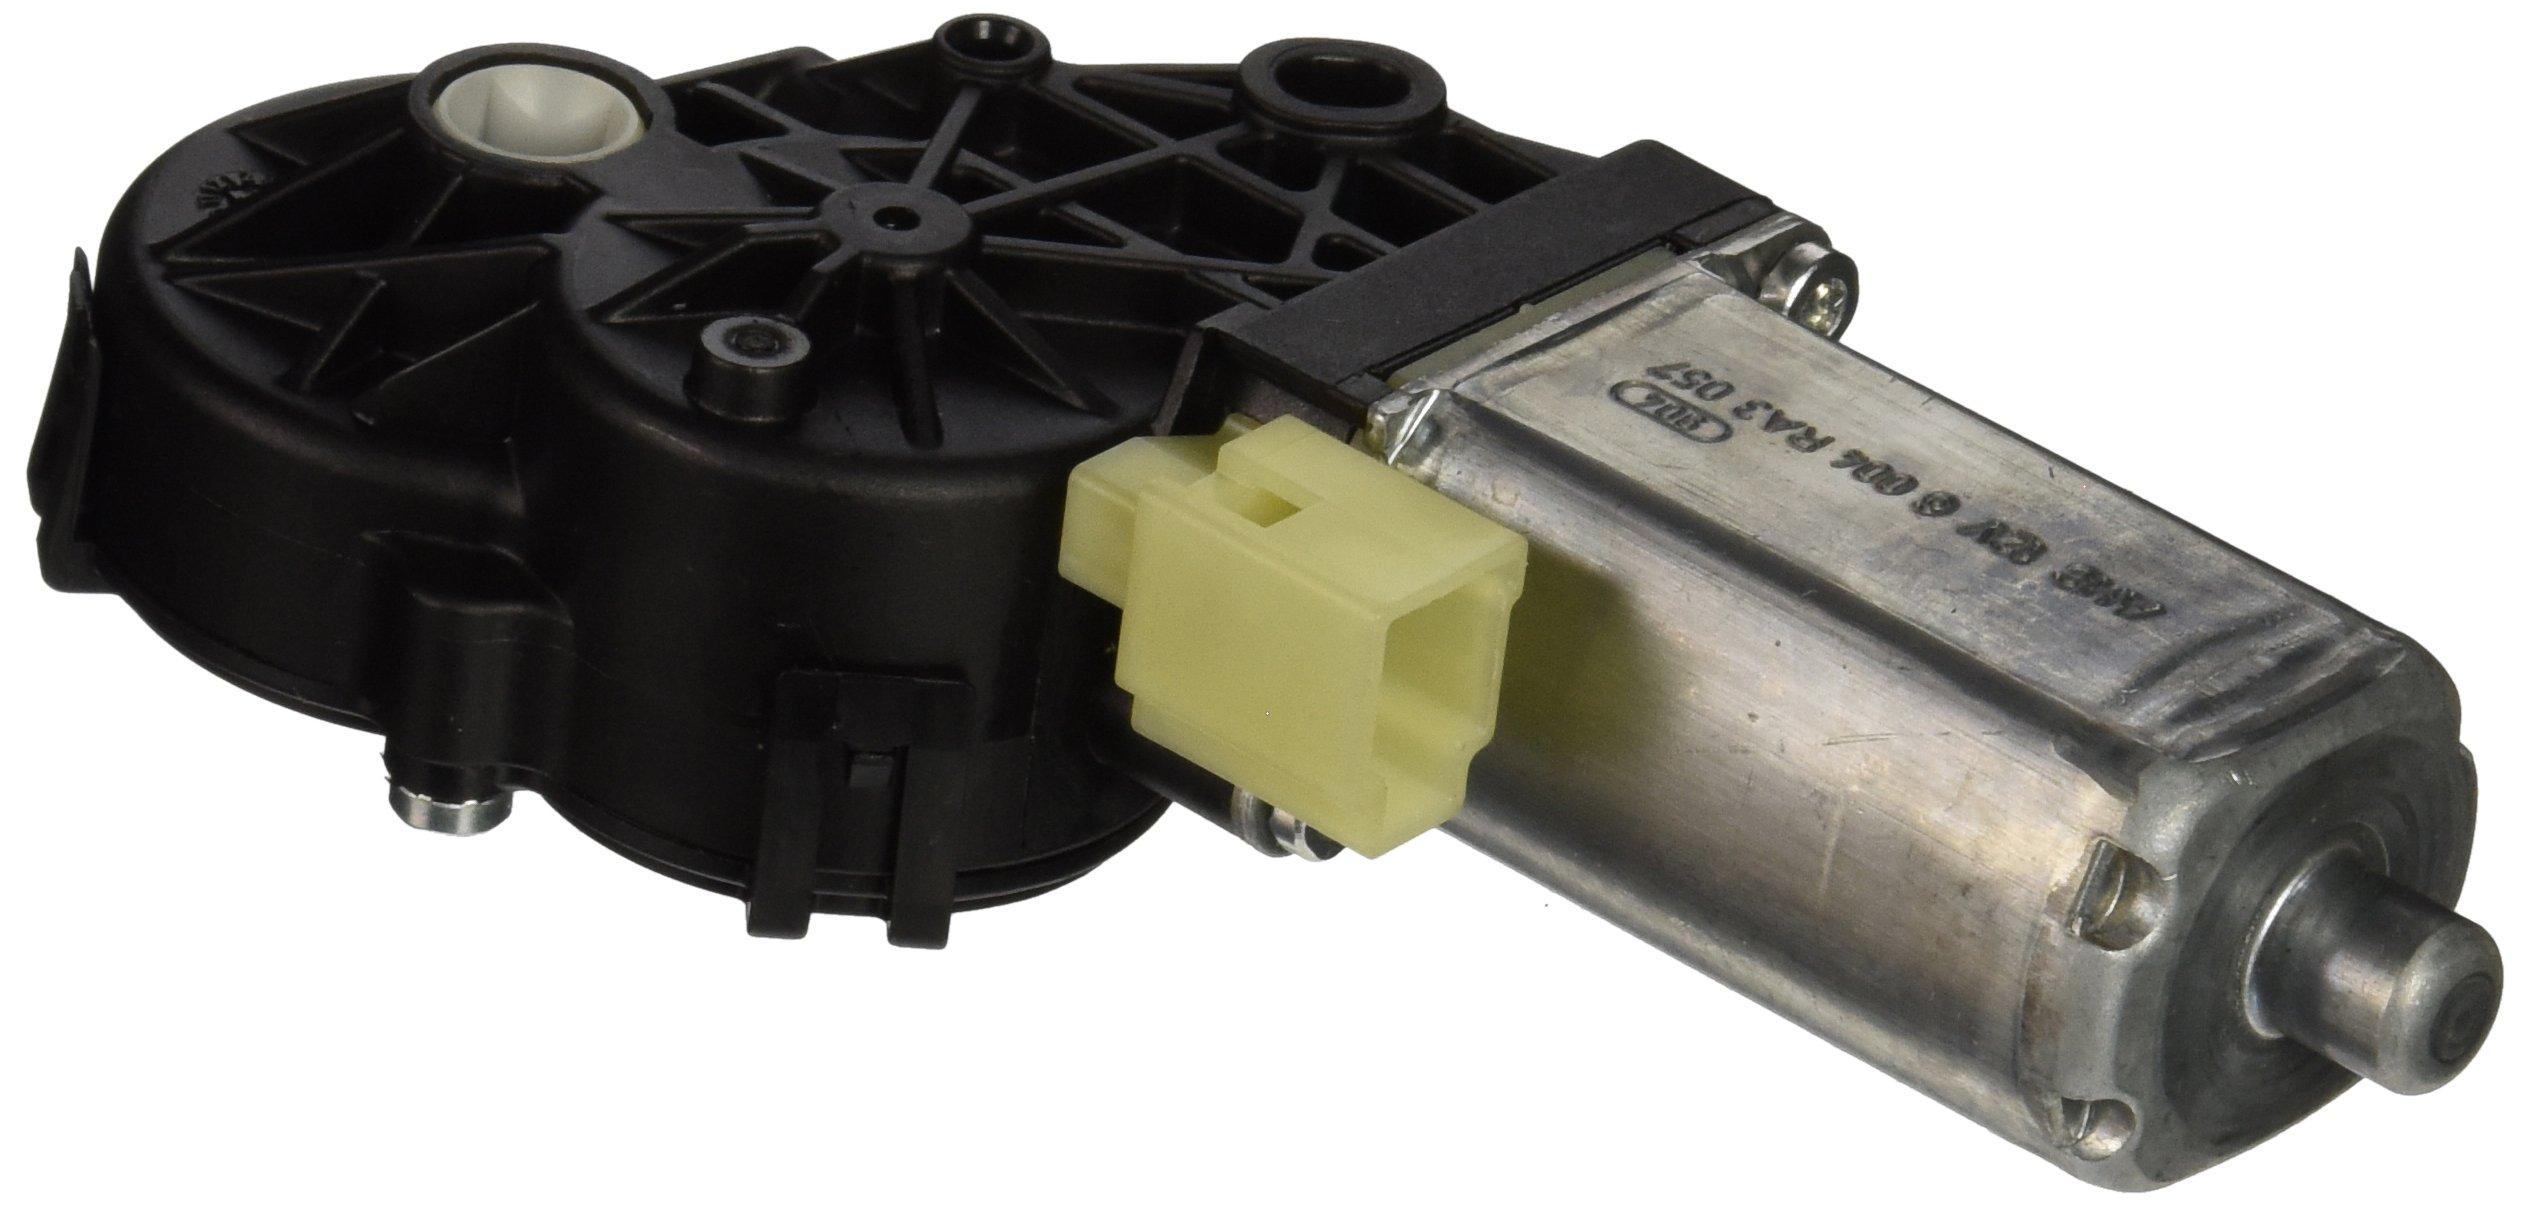 Motorcraft MM-990 Seat Actuator Motor